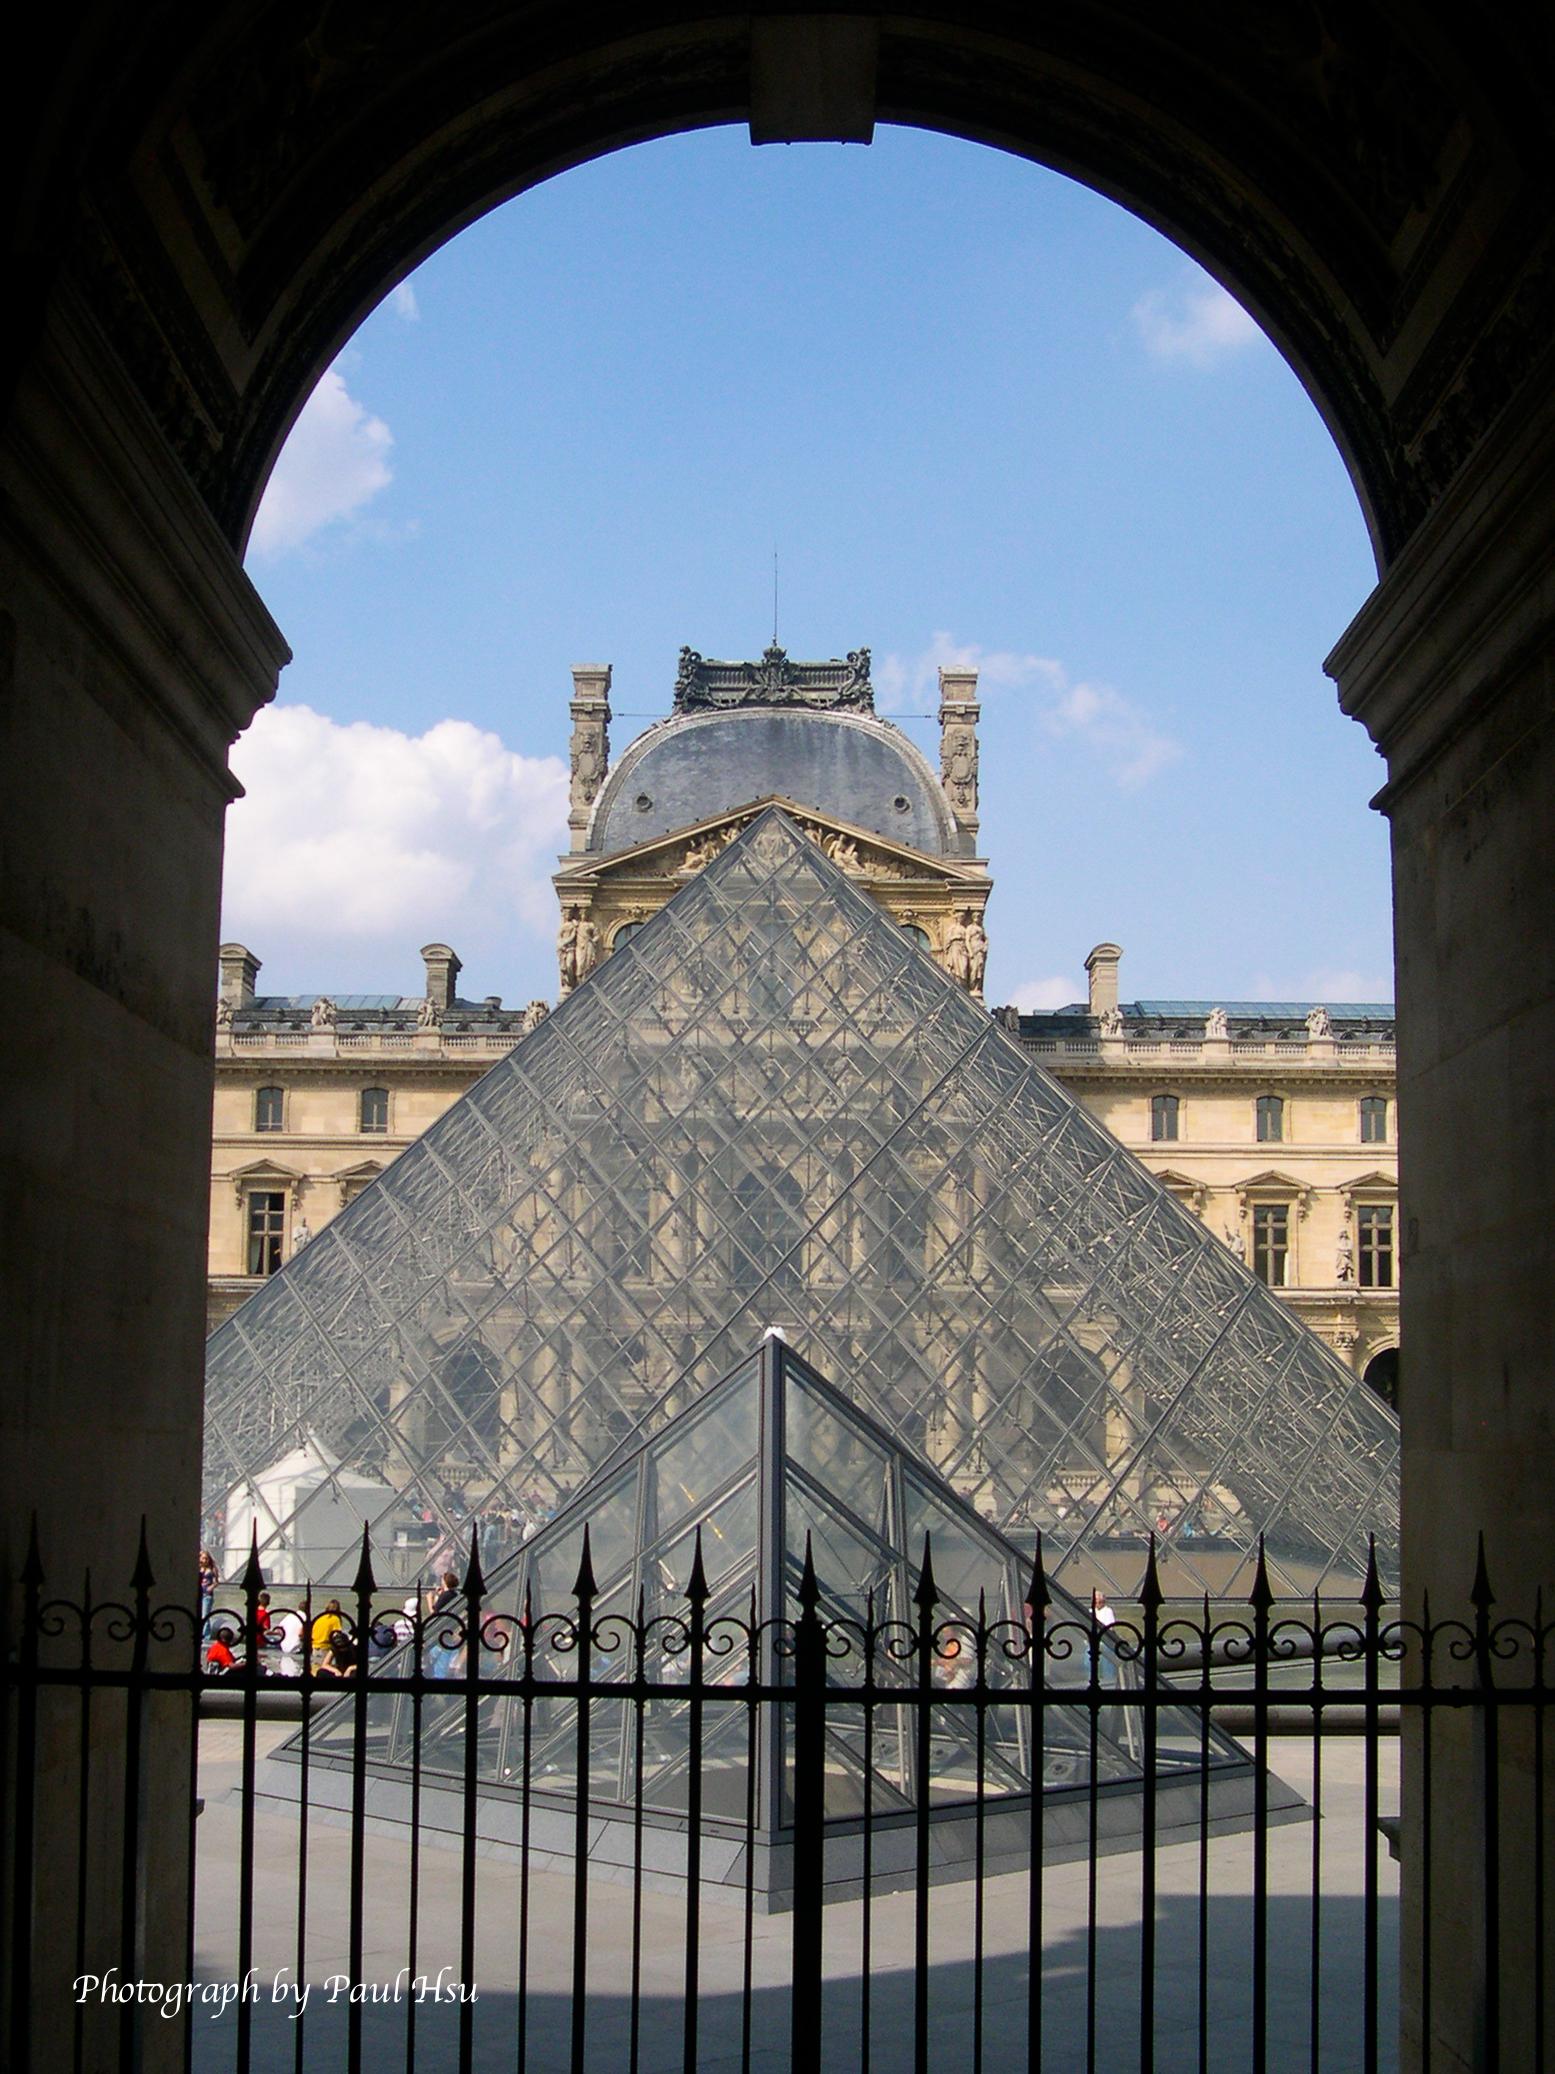 巴黎羅浮宮之玻璃金字塔 – 保羅的香江筆記